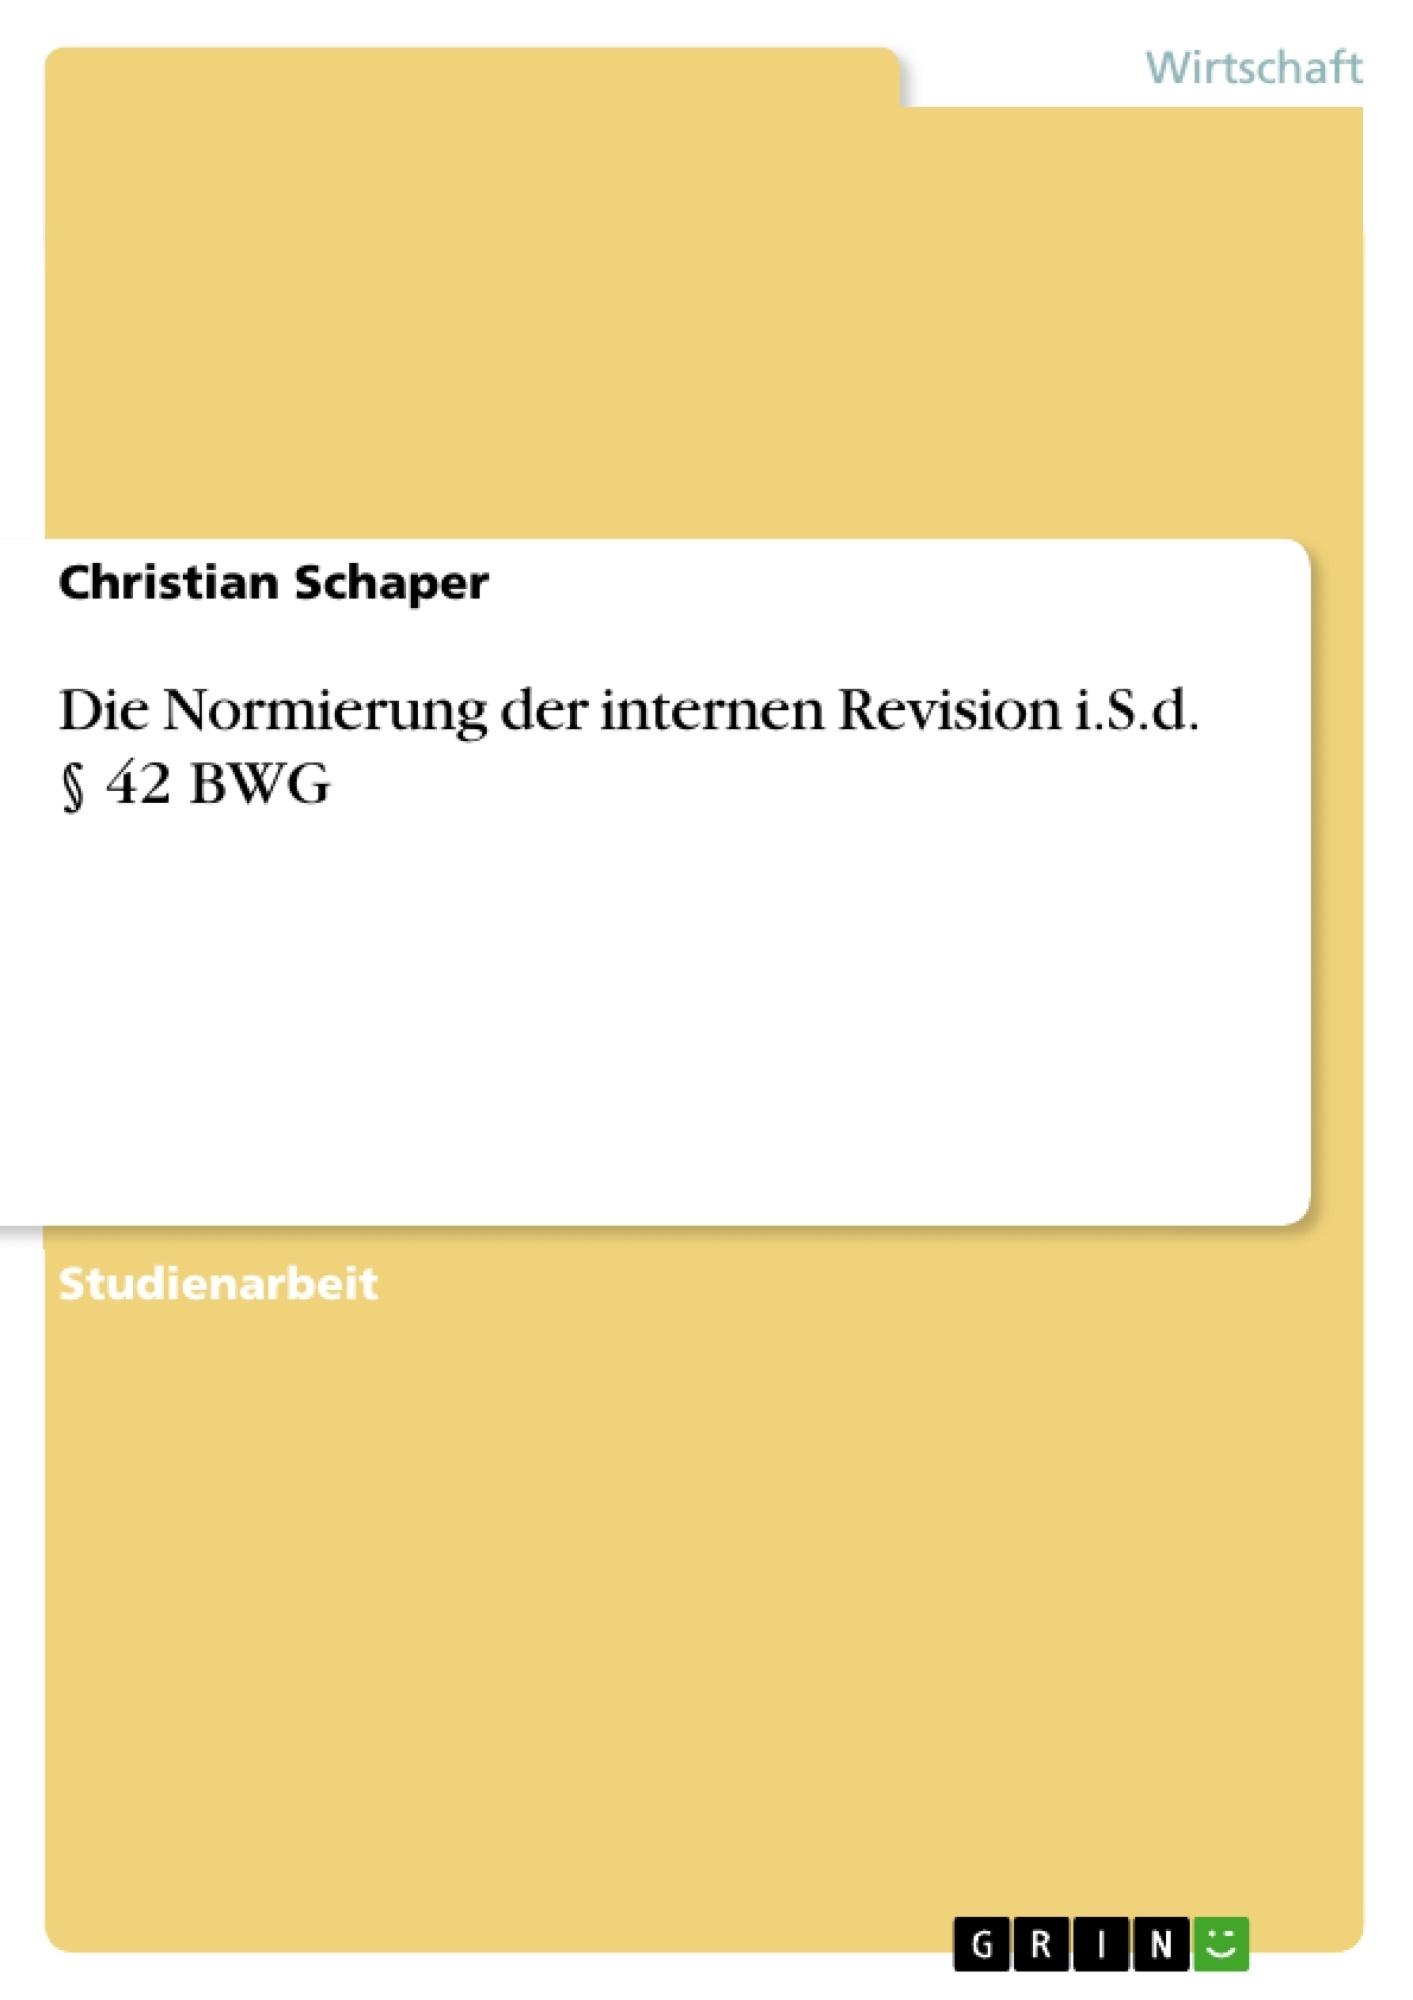 Titel: Die Normierung der internen Revision i.S.d. § 42 BWG